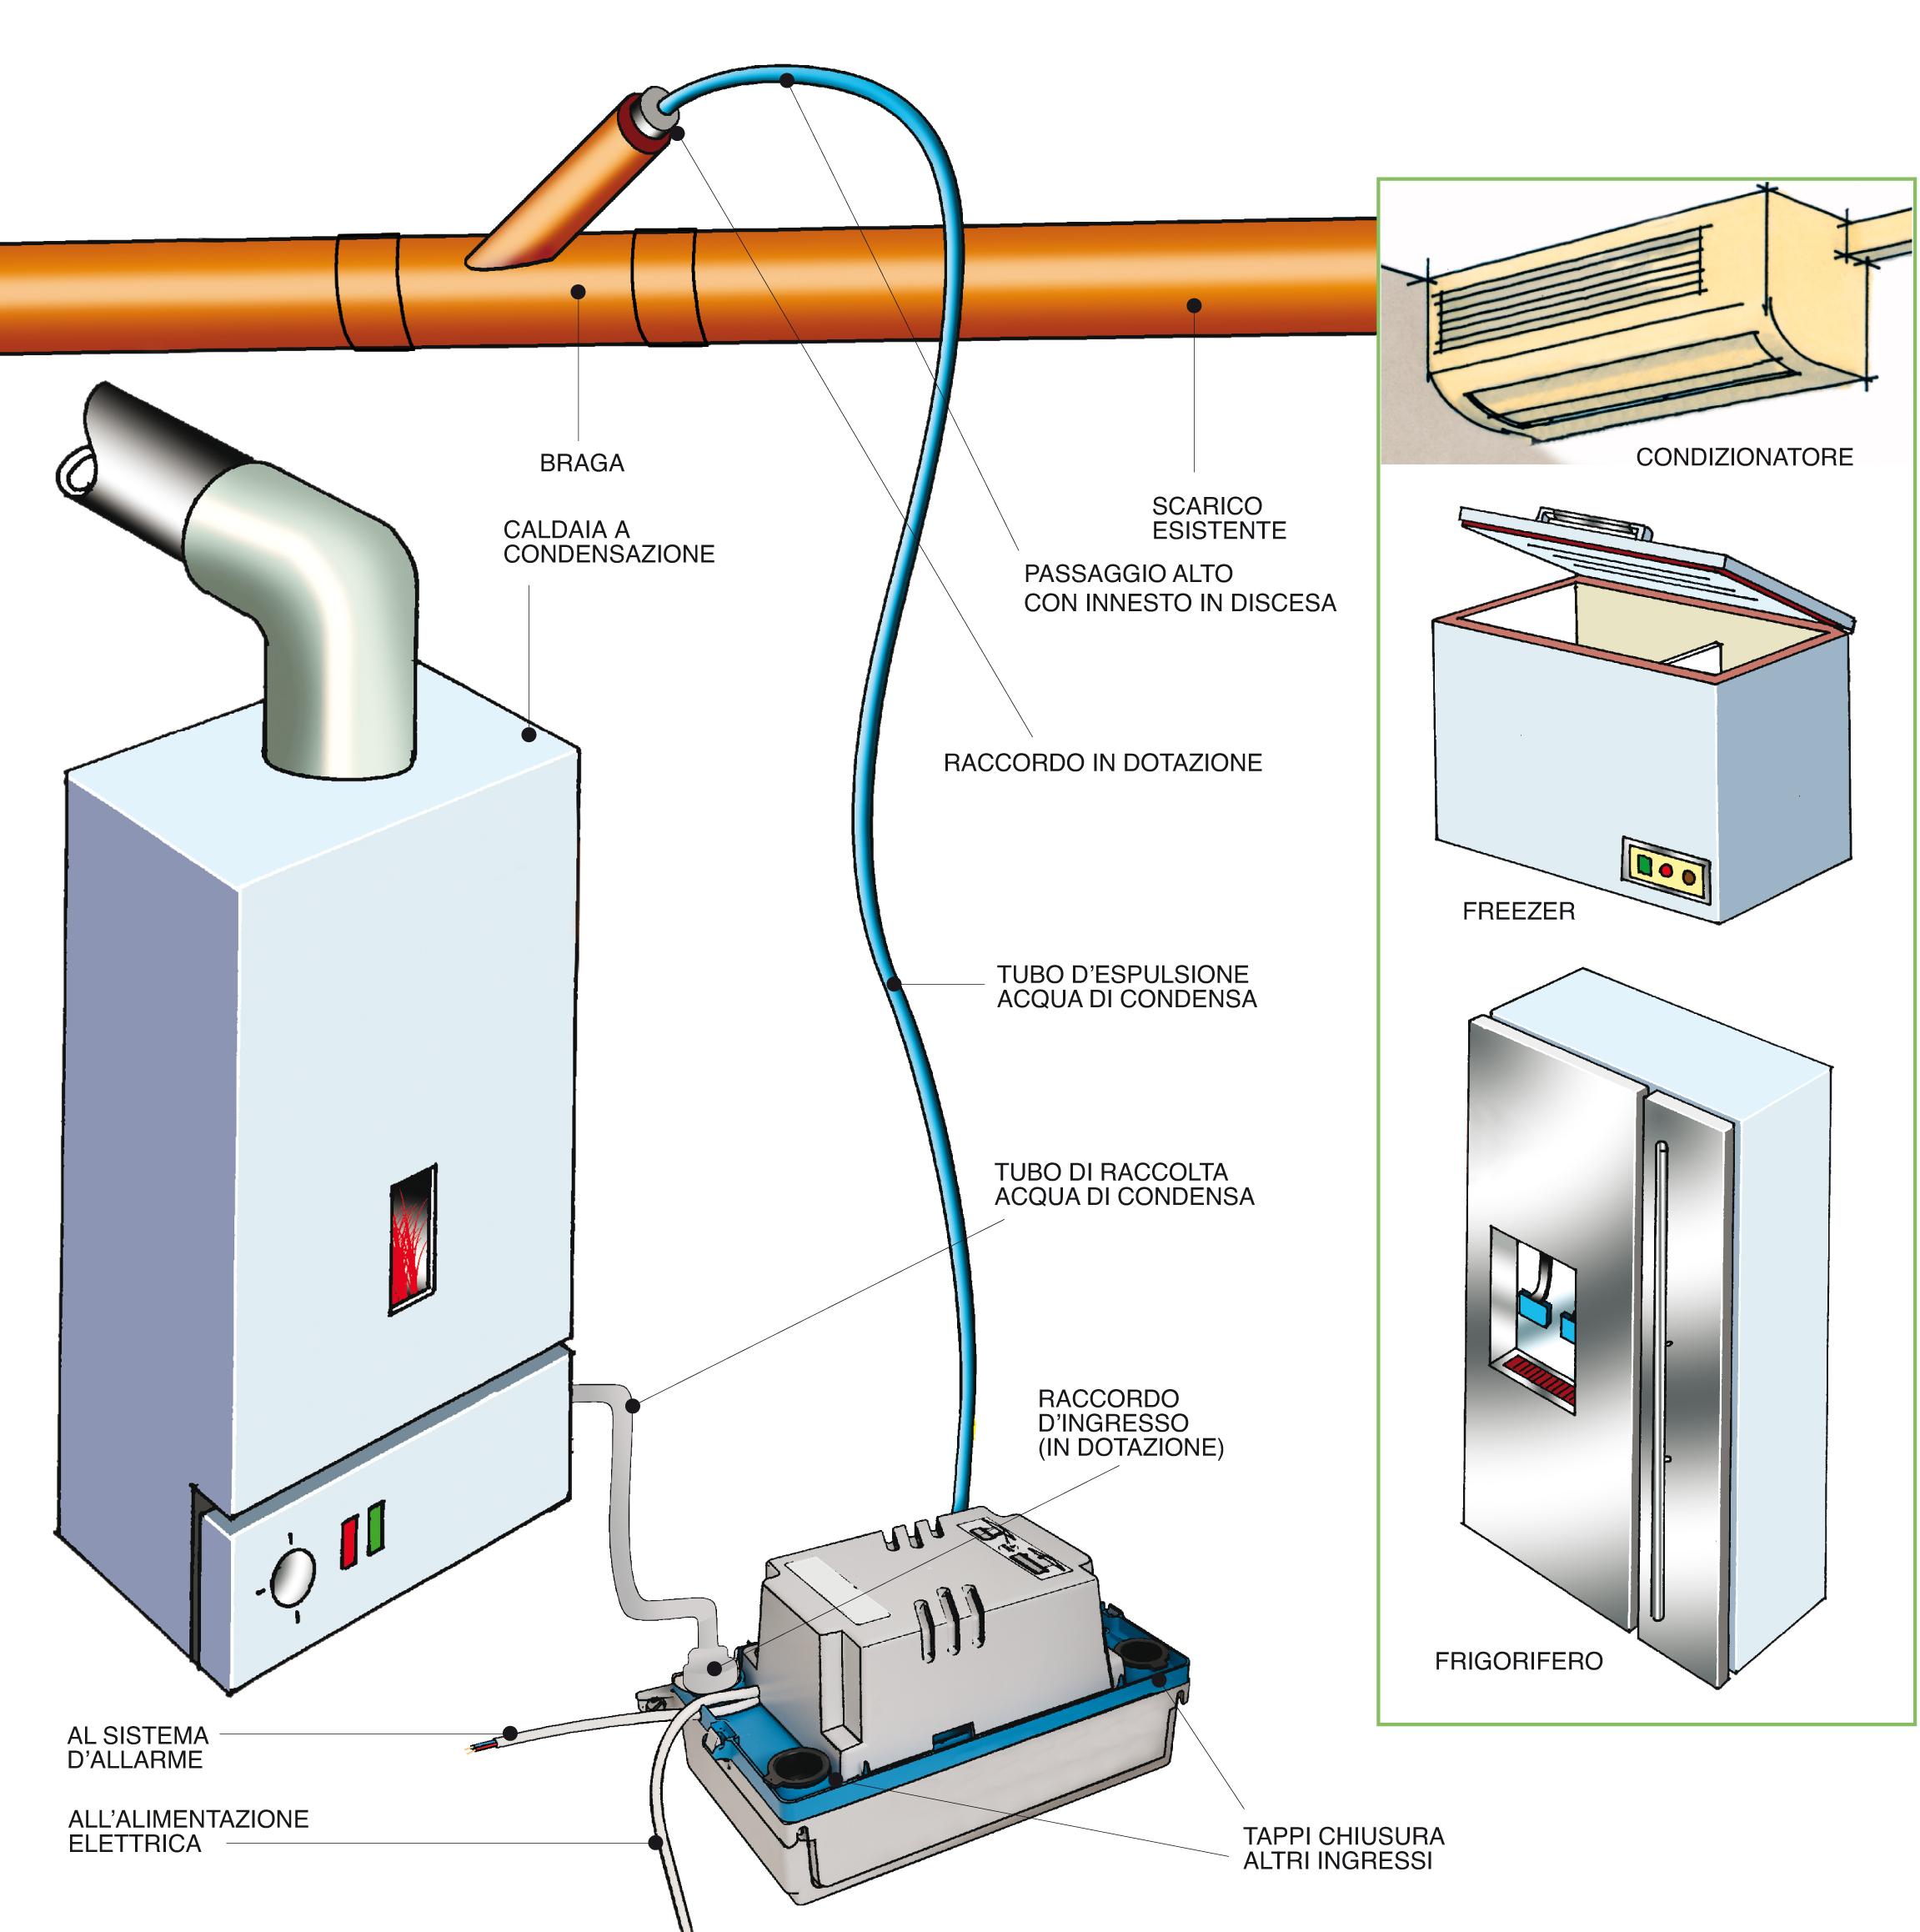 Come installare una pompa per condensa bricoportale fai - Condizionatore perde acqua dentro casa ...